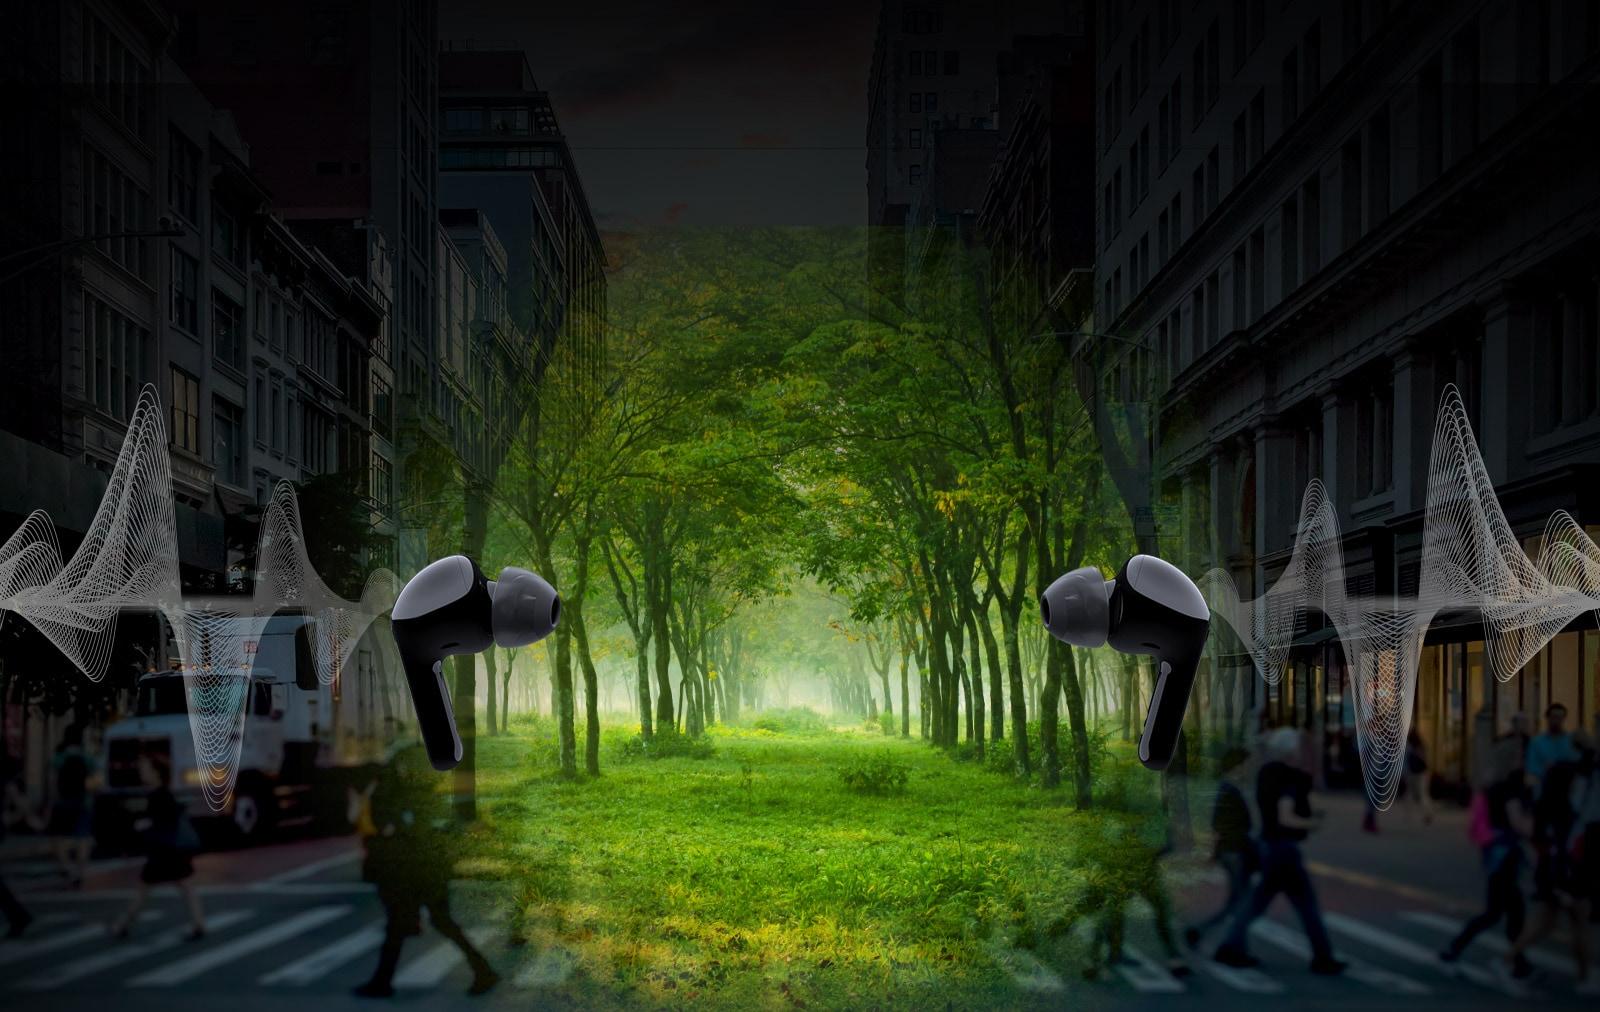 Slika dviju slušalica okrenutih jedna prema drugoj, a iza svake se nalazi ilustracija vala. Riječ je o virtualnom prostoru, grad i šuma u sredini.